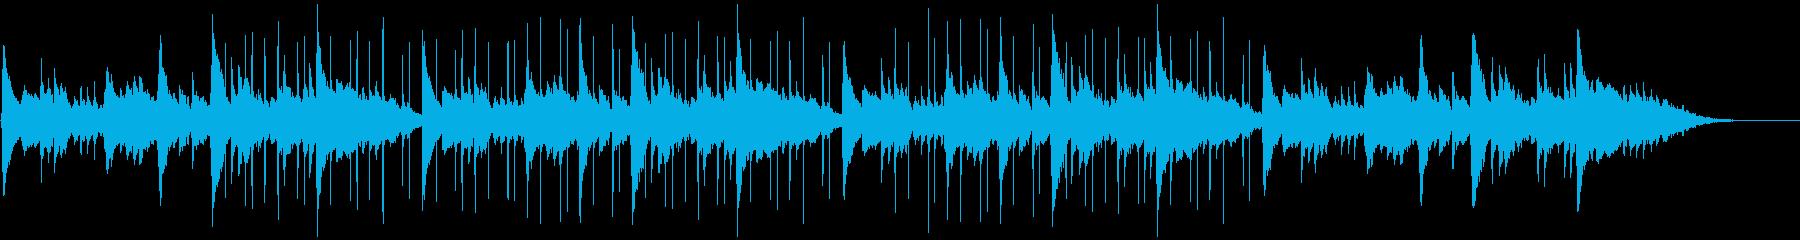 【LOFI HIPHOP】深夜集中Aの再生済みの波形